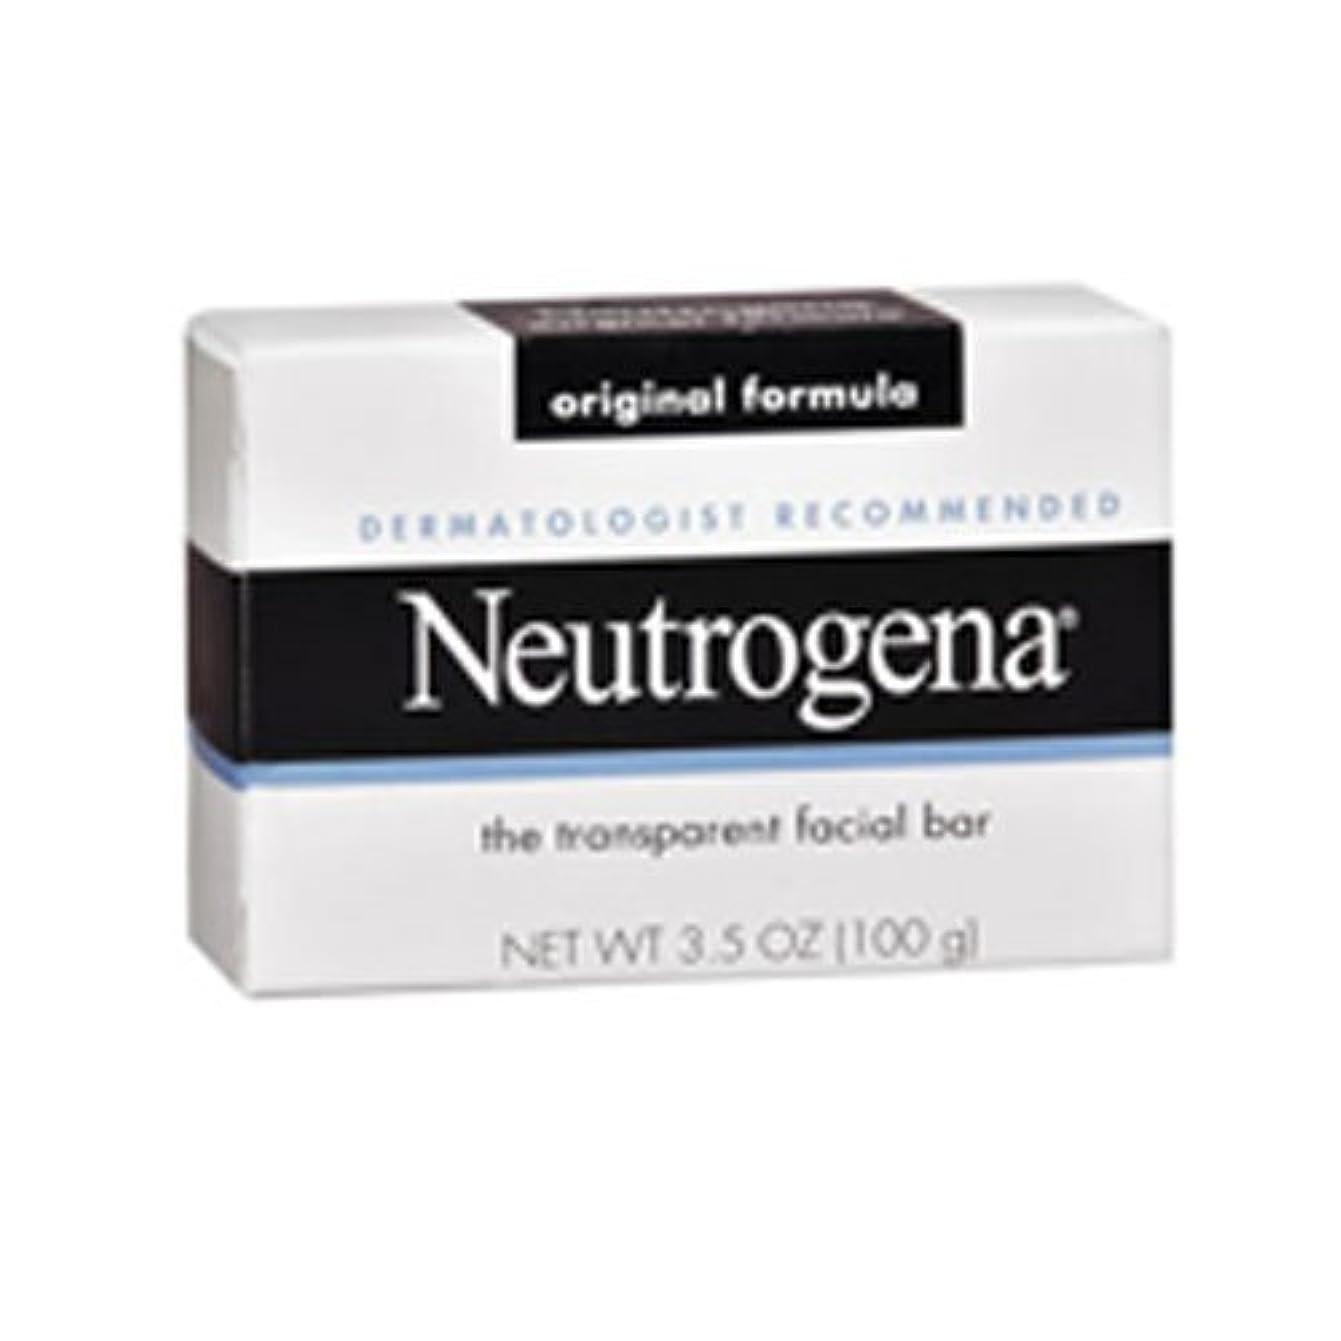 グレーエゴイズム句読点海外直送肘 Neutrogena Transparent Facial Soap Bar, 3.5 oz